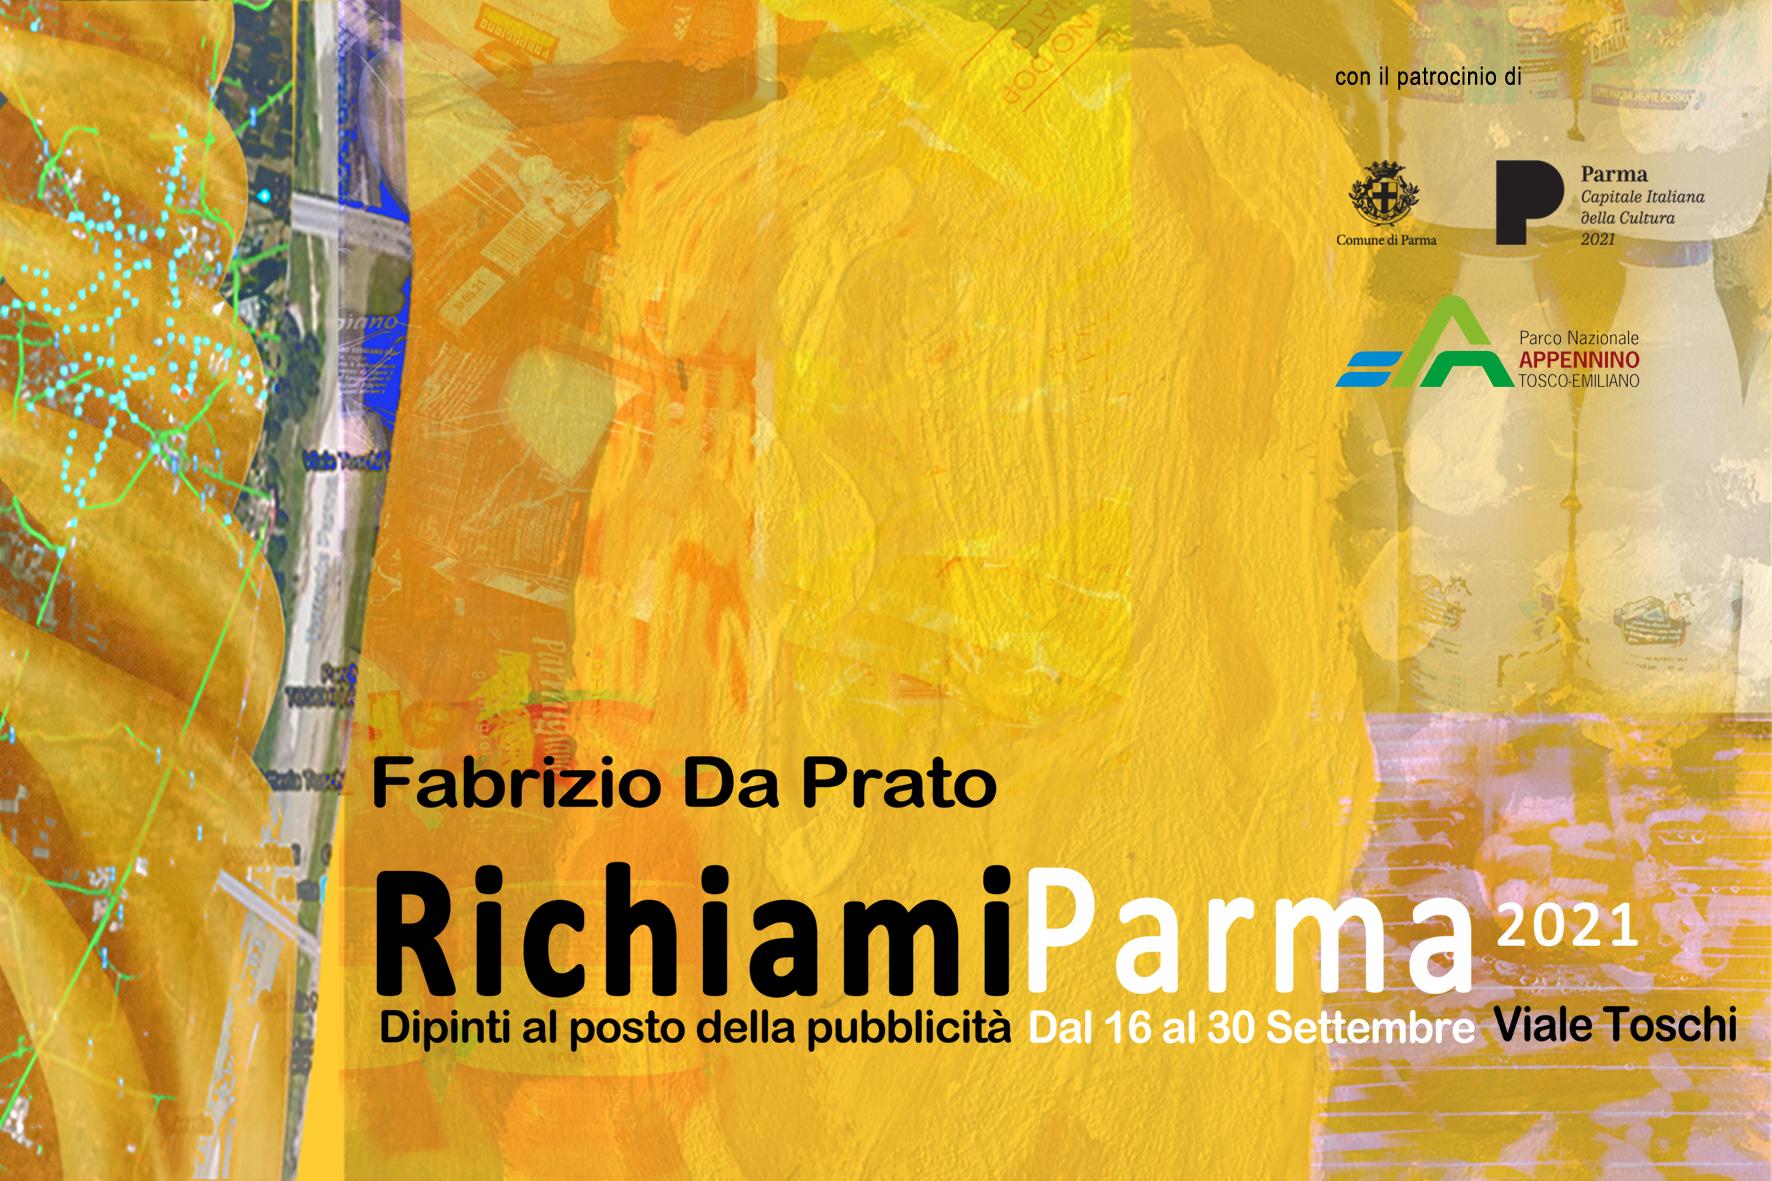 Richiami Parma 2021. Dipinti al posto della pubblicità invade Parma